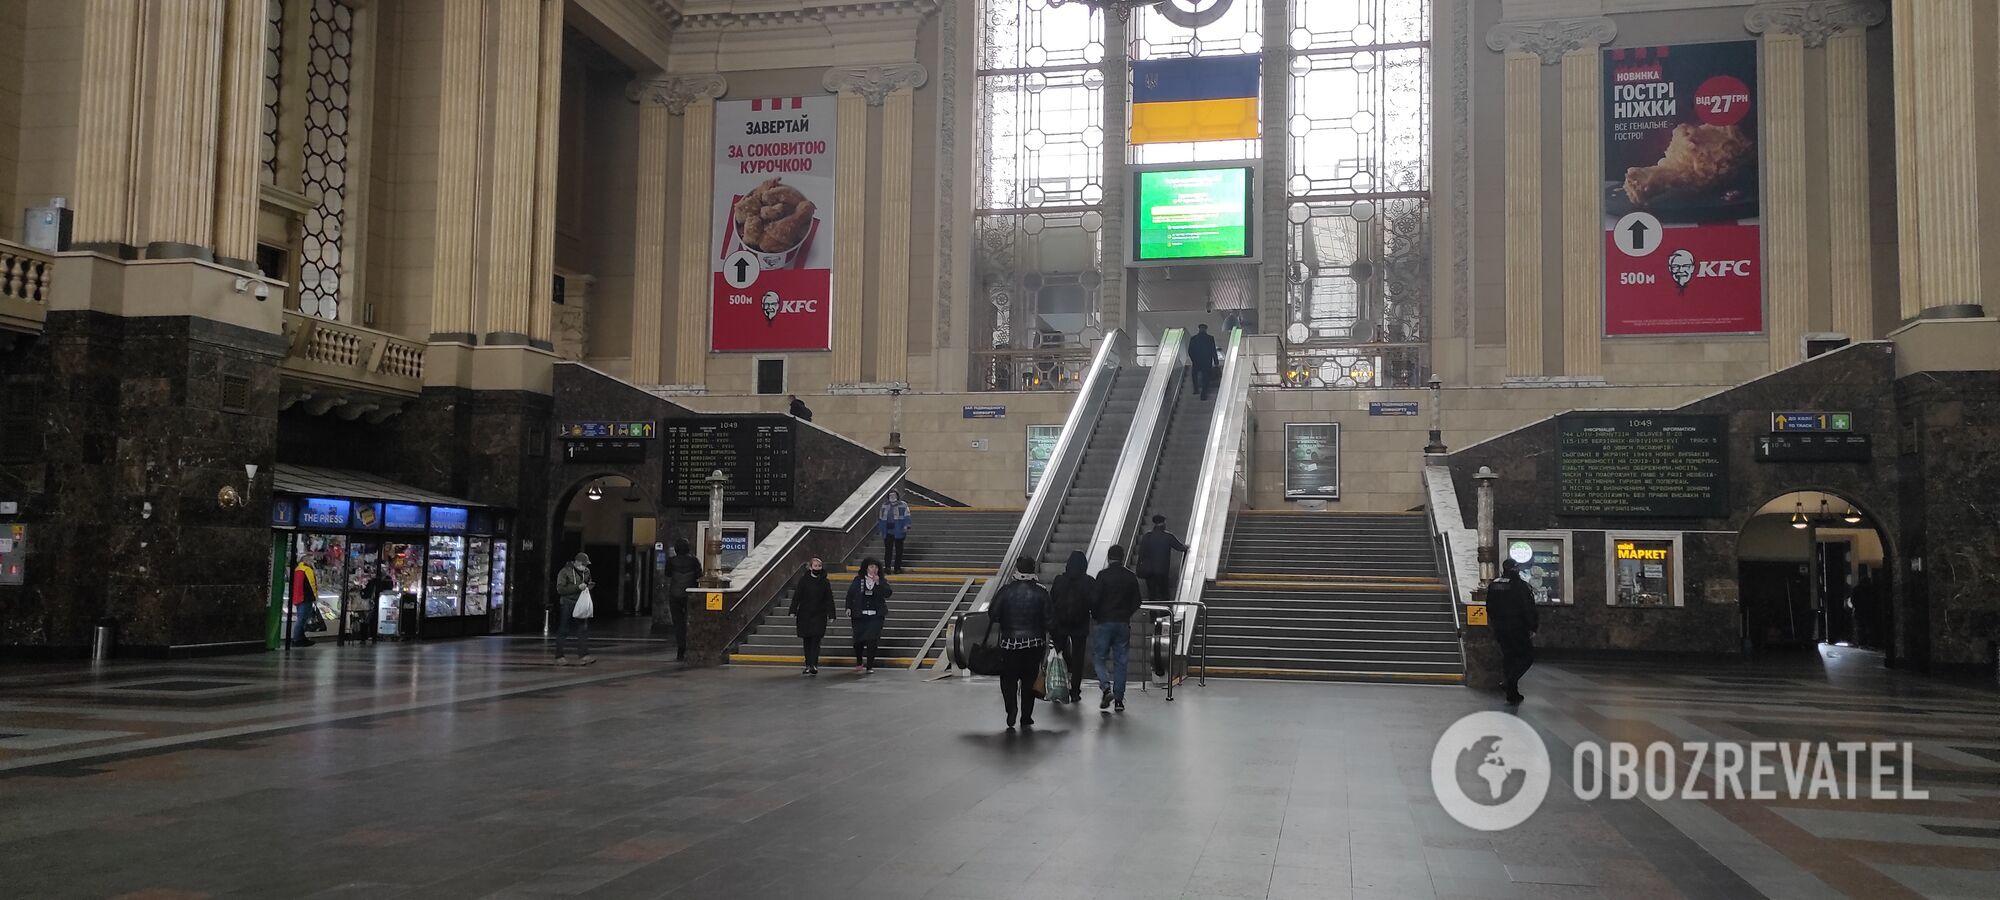 Людей на вокзале мало.